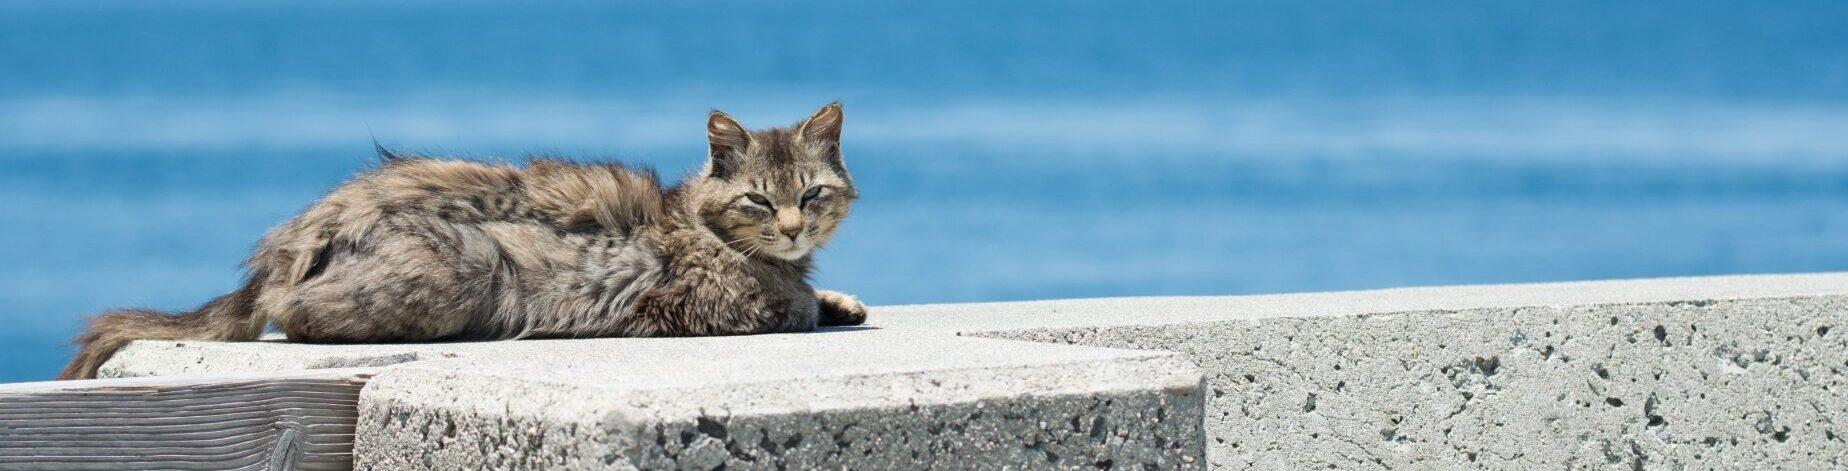 ハピネスギフトの海と猫の写真